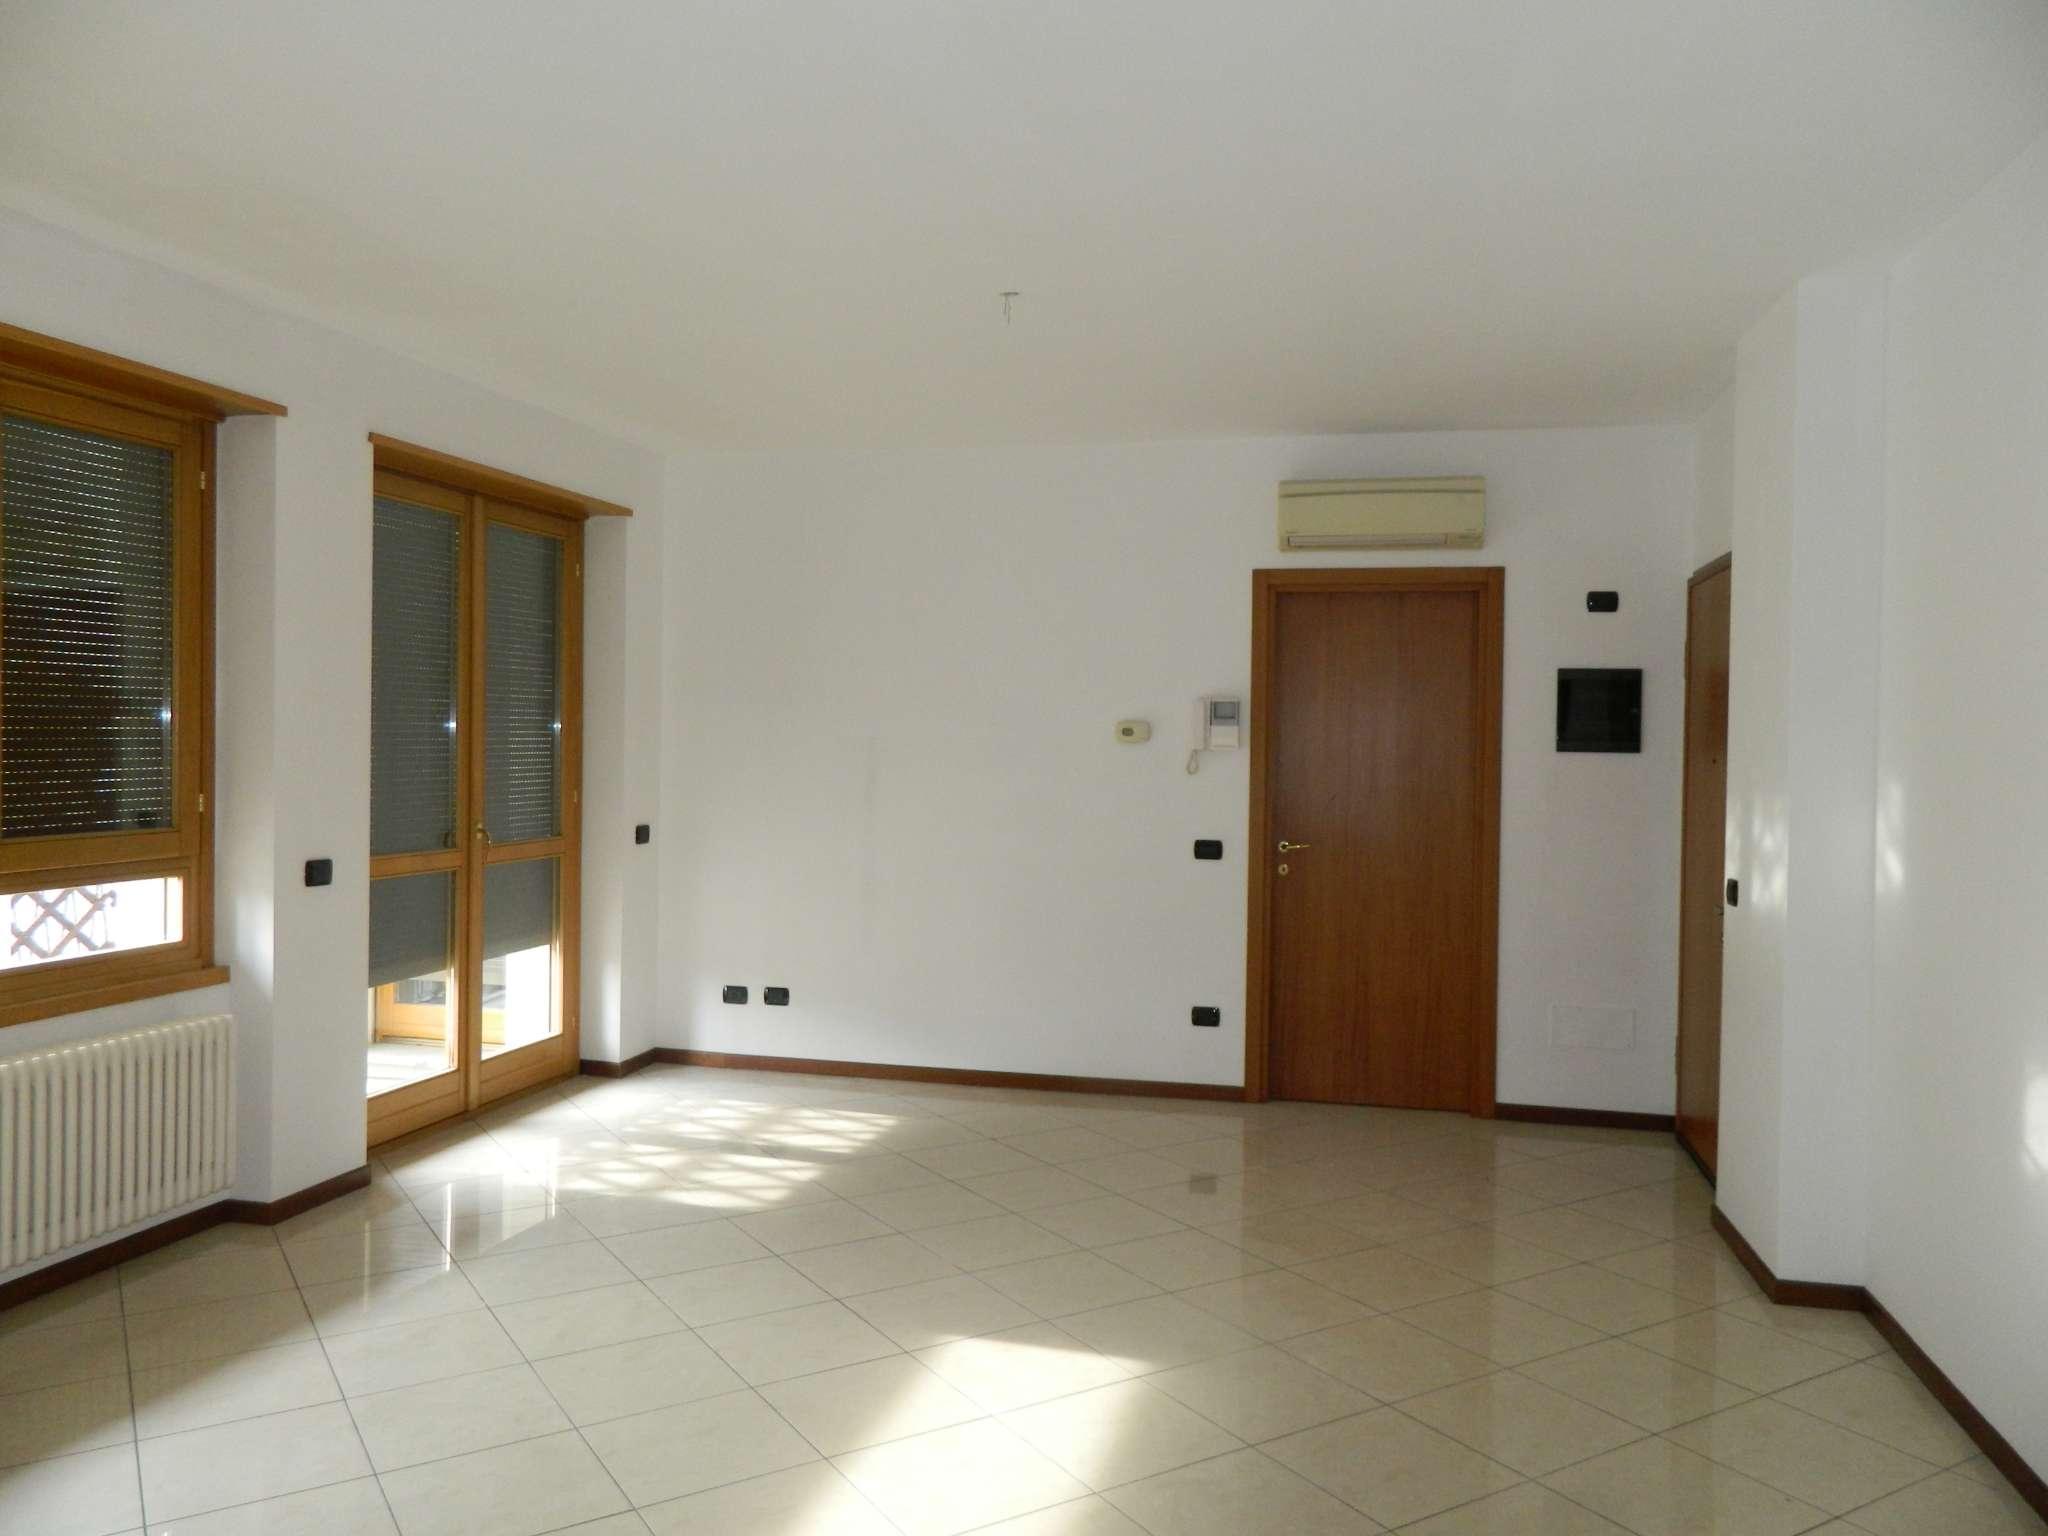 Appartamento in affitto a Sondrio, 4 locali, prezzo € 650   PortaleAgenzieImmobiliari.it